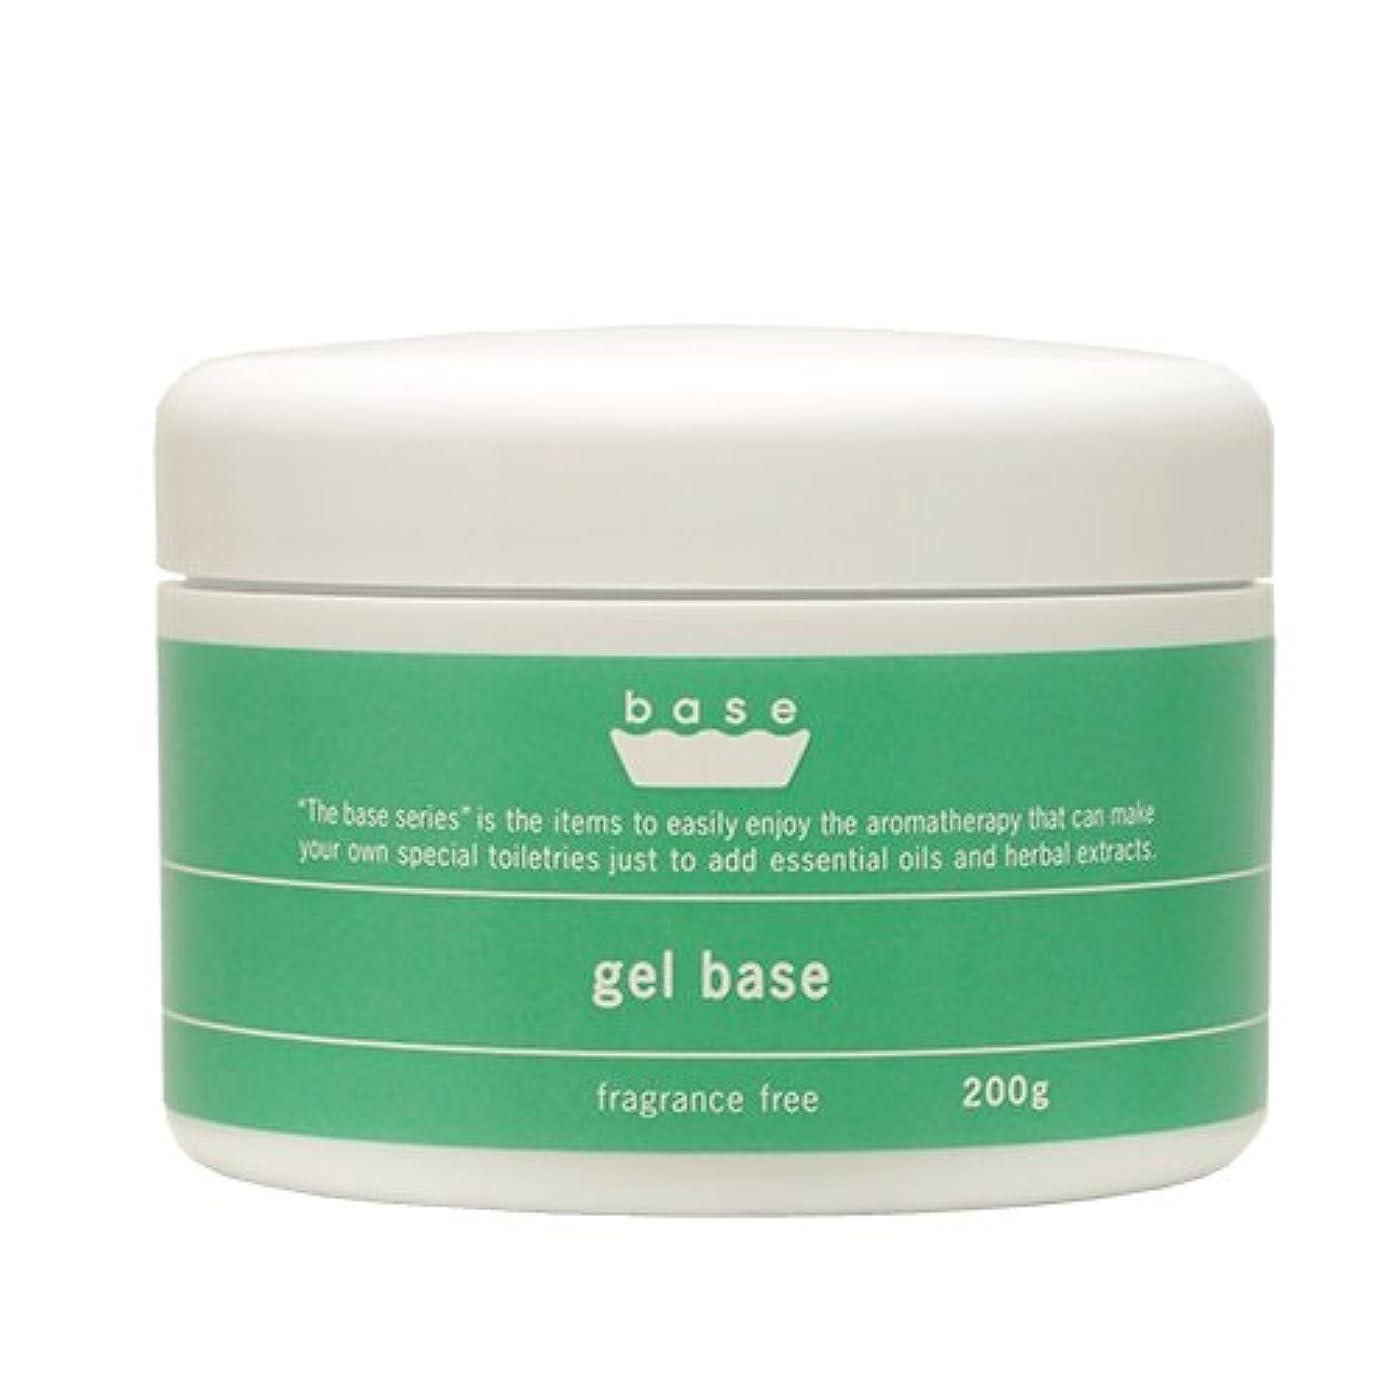 注目すべきシビック午後base gel base(ジェルベース)200g